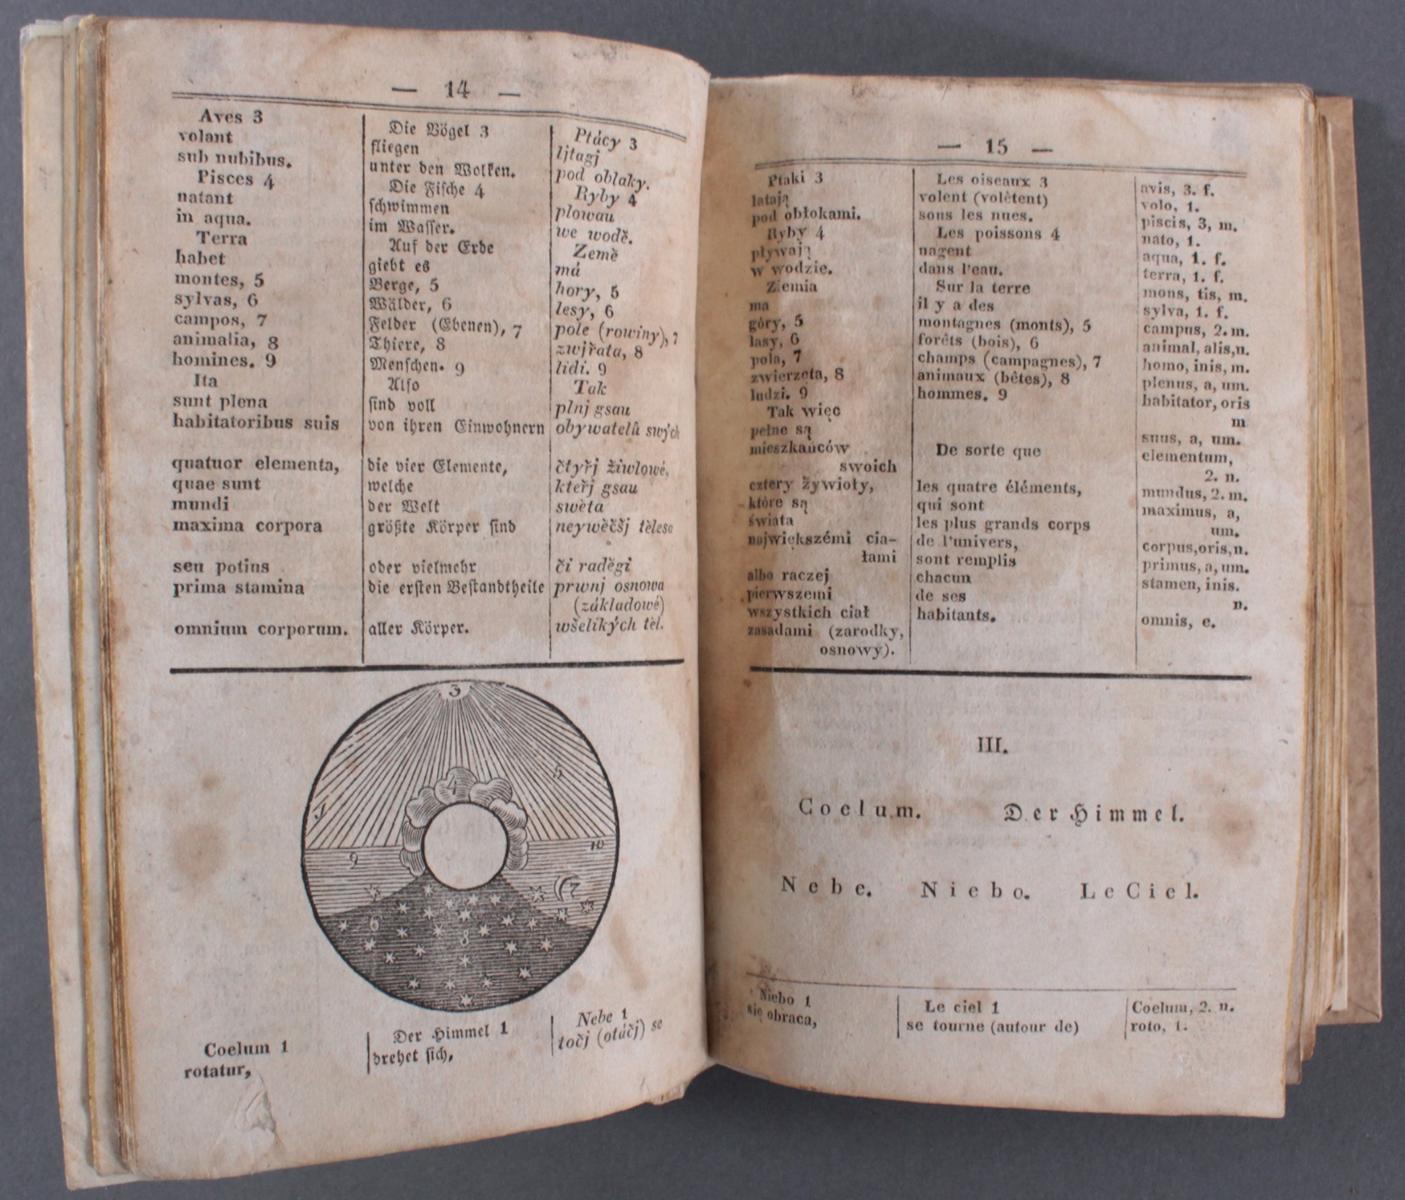 Wörterbuch von 1832, Latein, deutsch, französisch und tschechisch-3